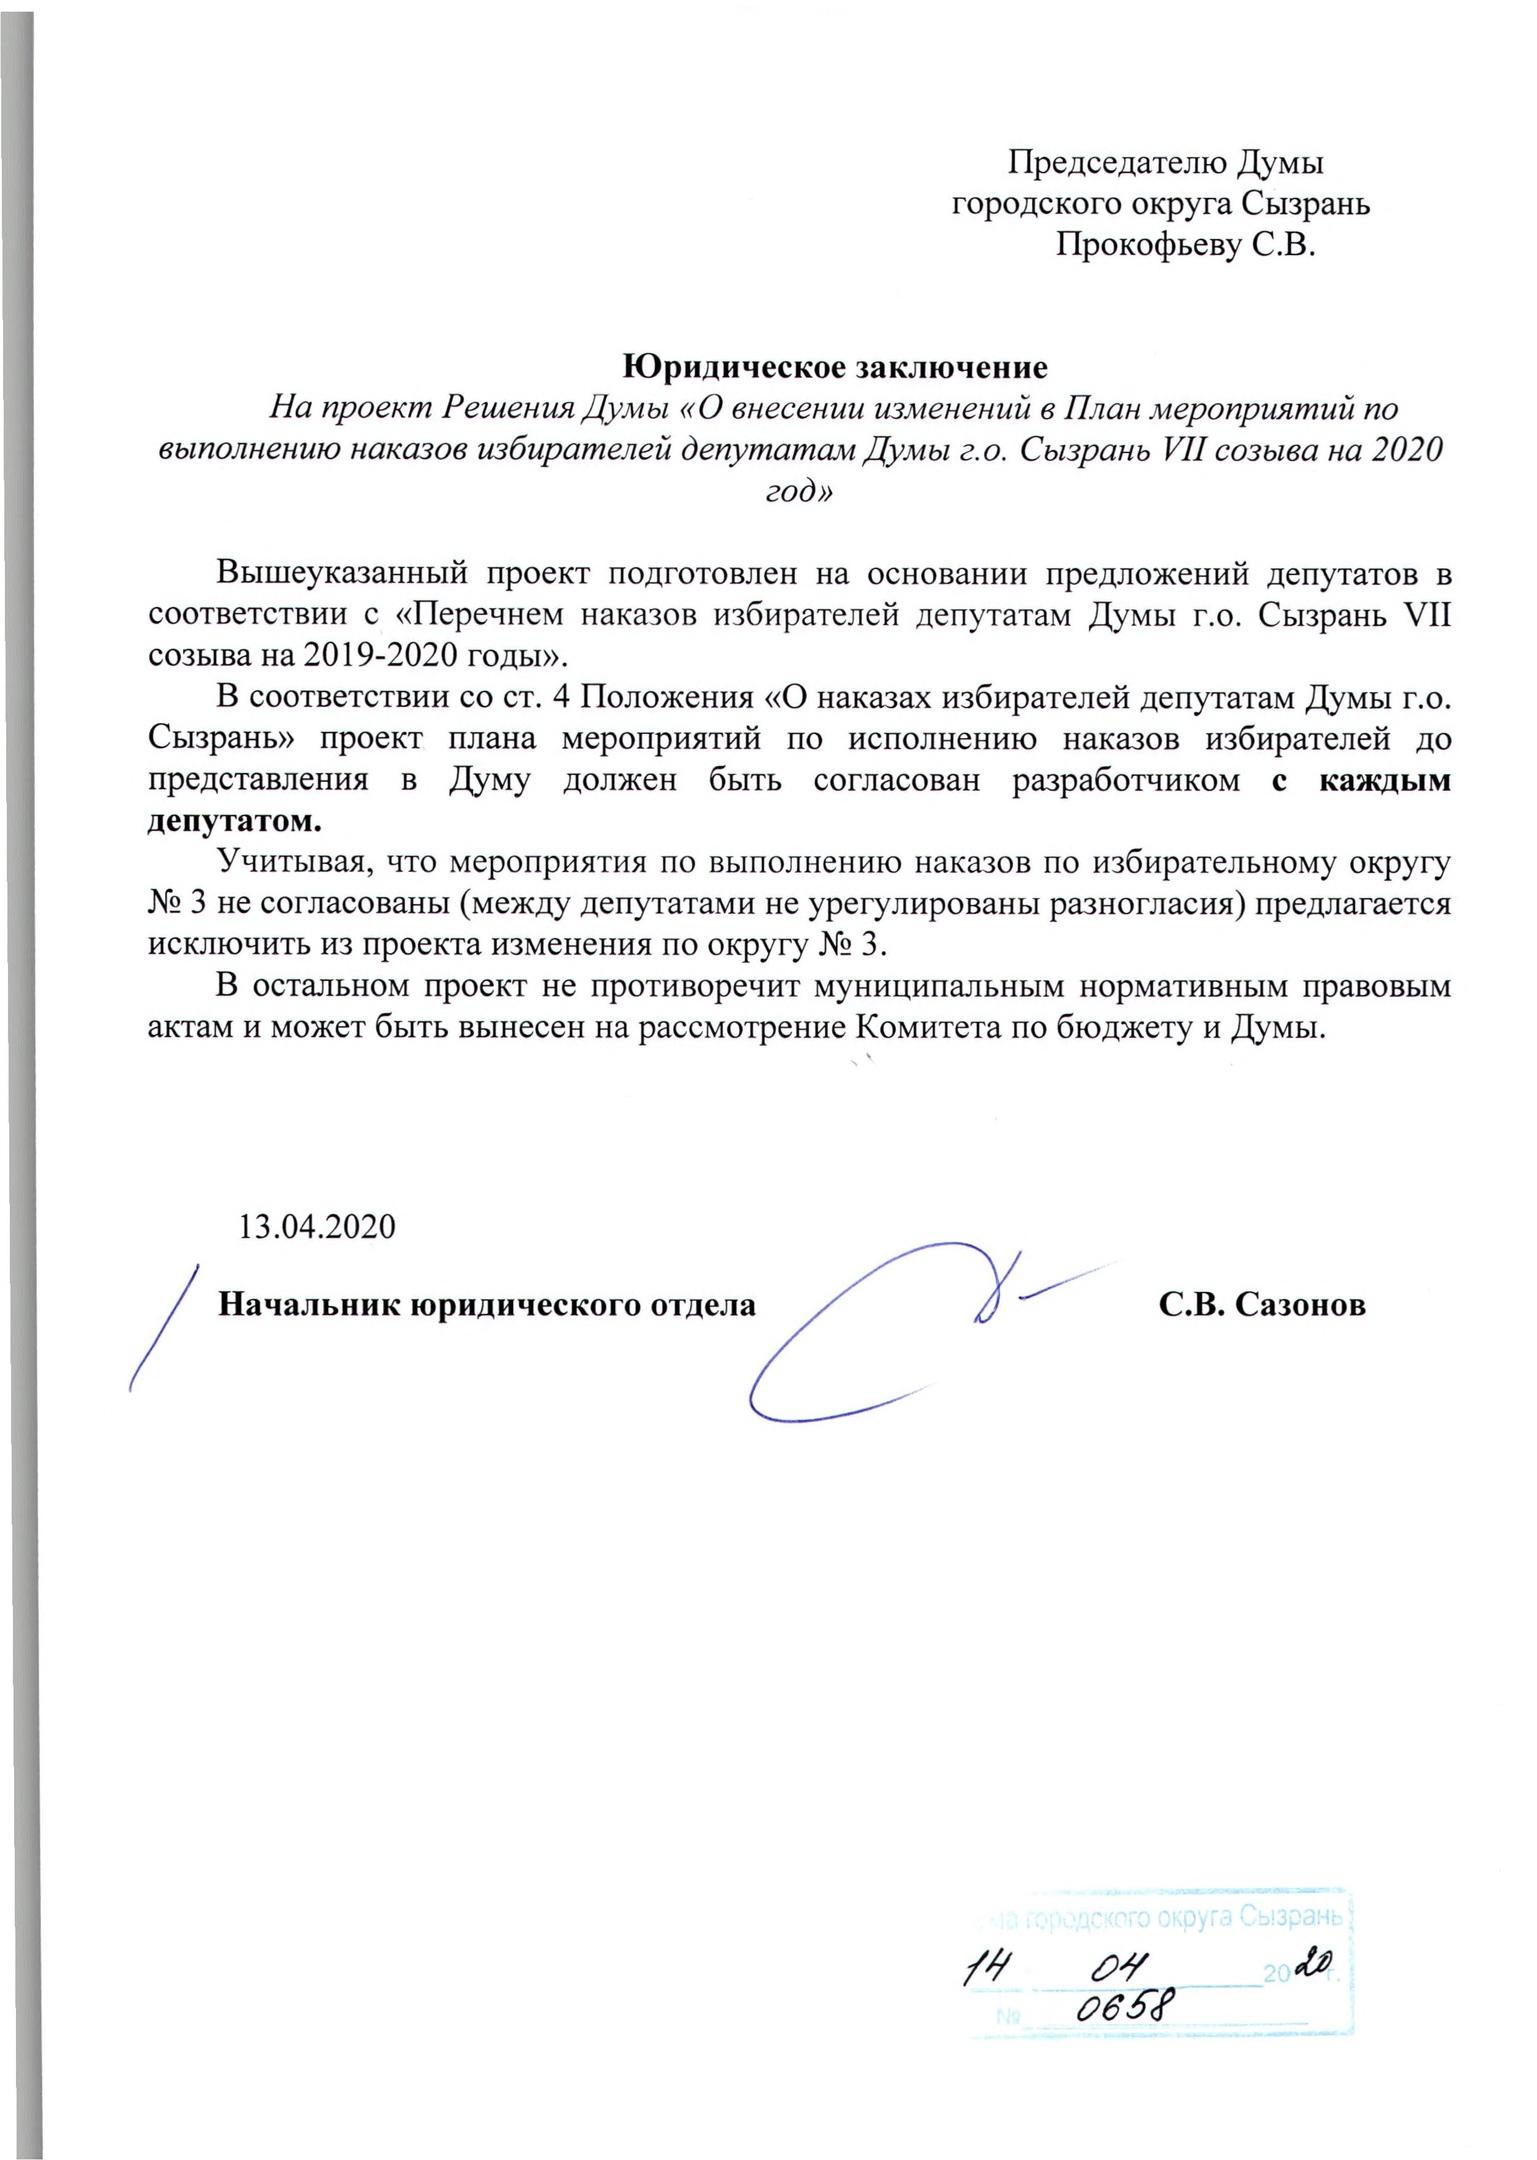 Согласование наказов в Сызрани